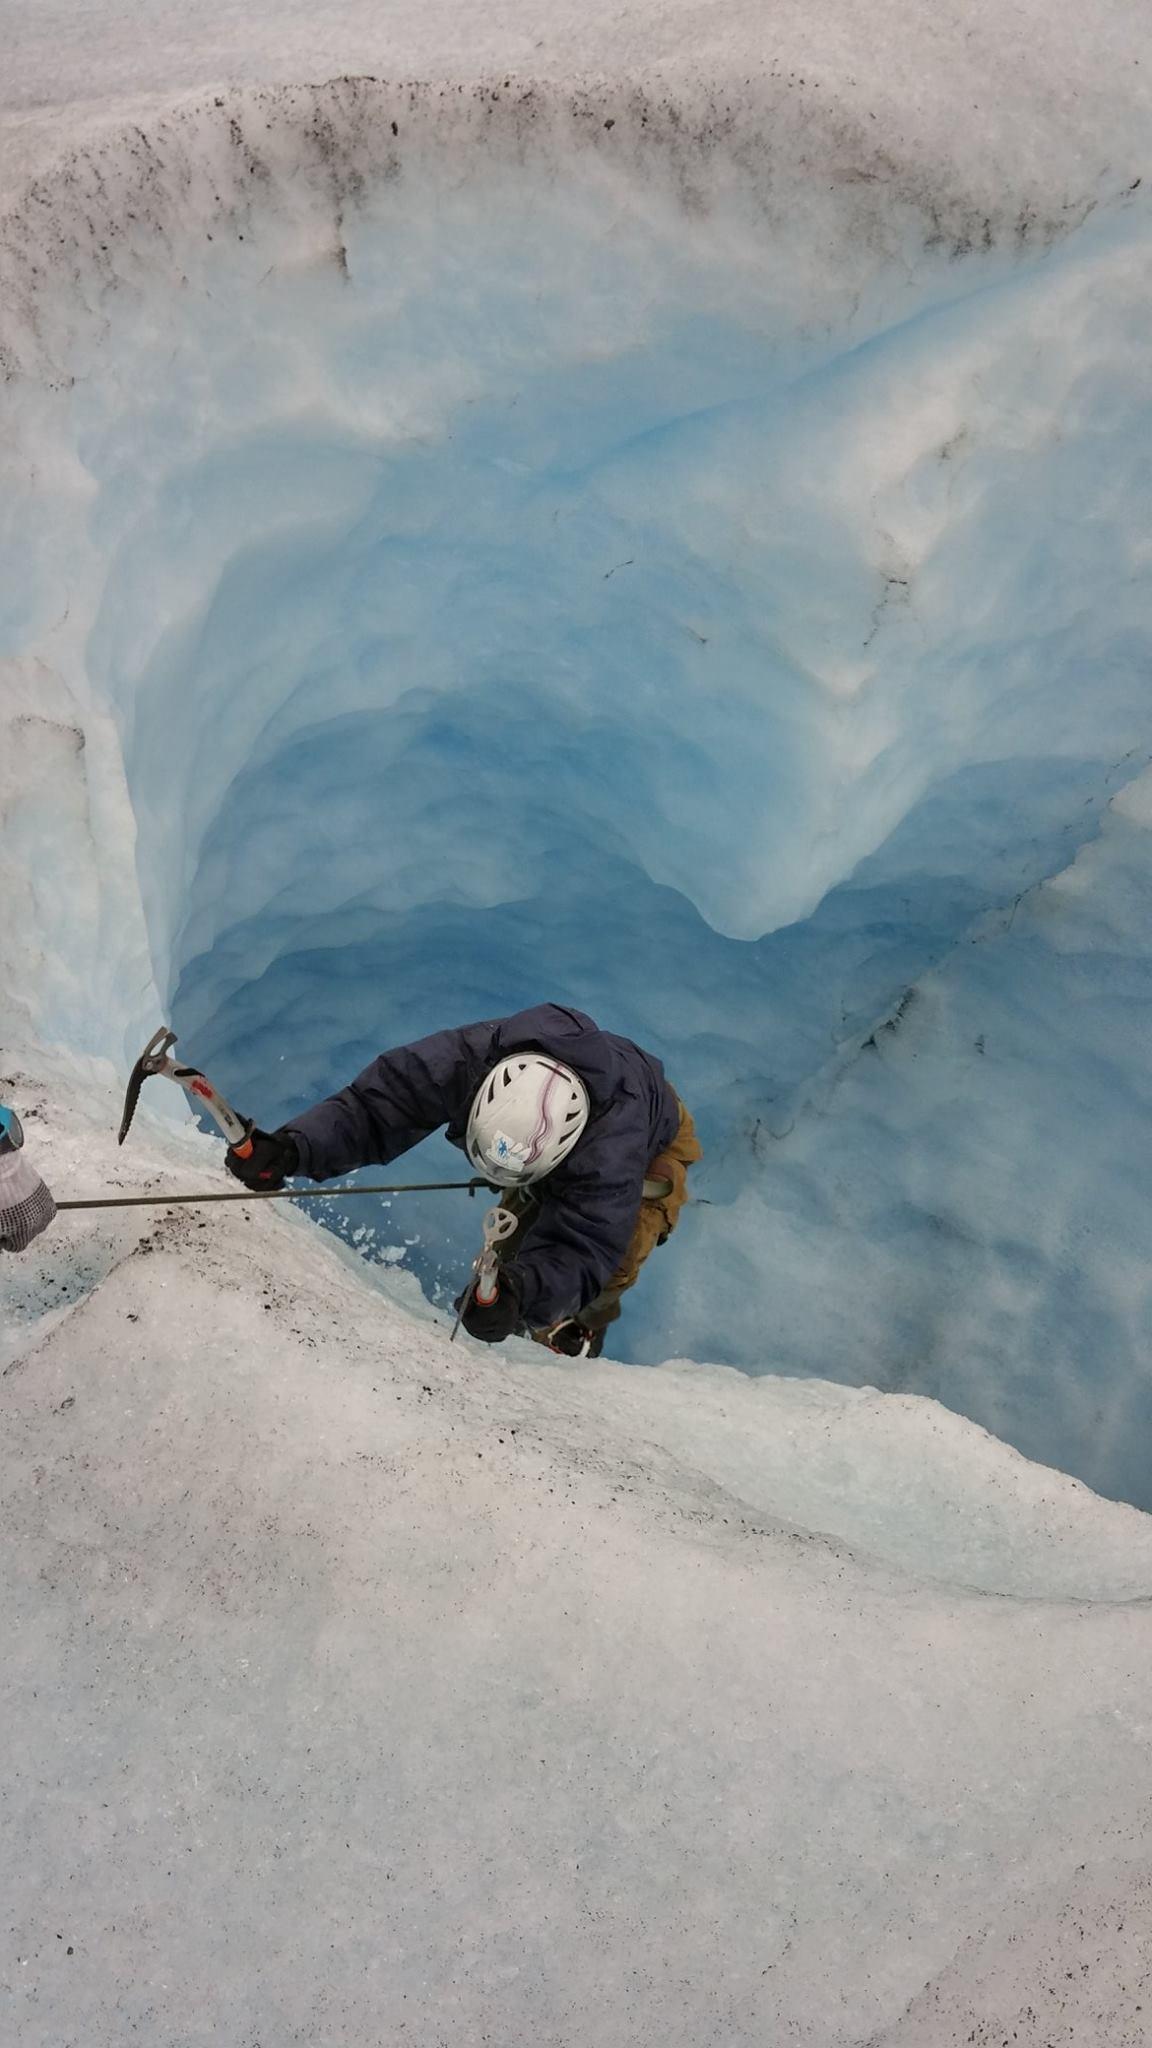 climb ChagitMoriahGibor